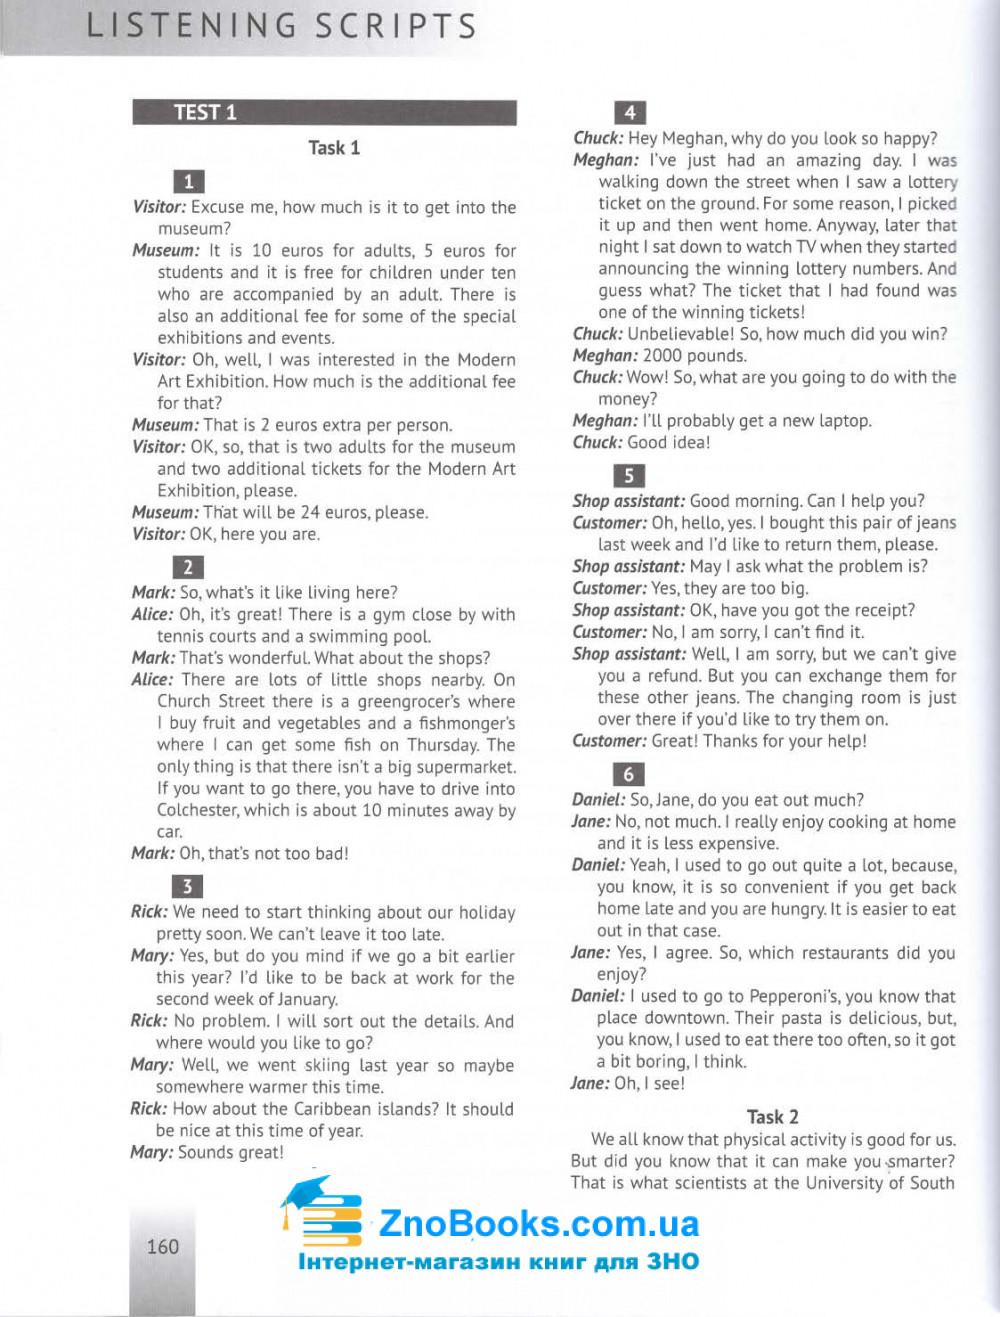 Англійська мова ЗНО 2021. Типові тестові завдання з аудіосупроводом. Тимчак О. Лібра Терра. 9